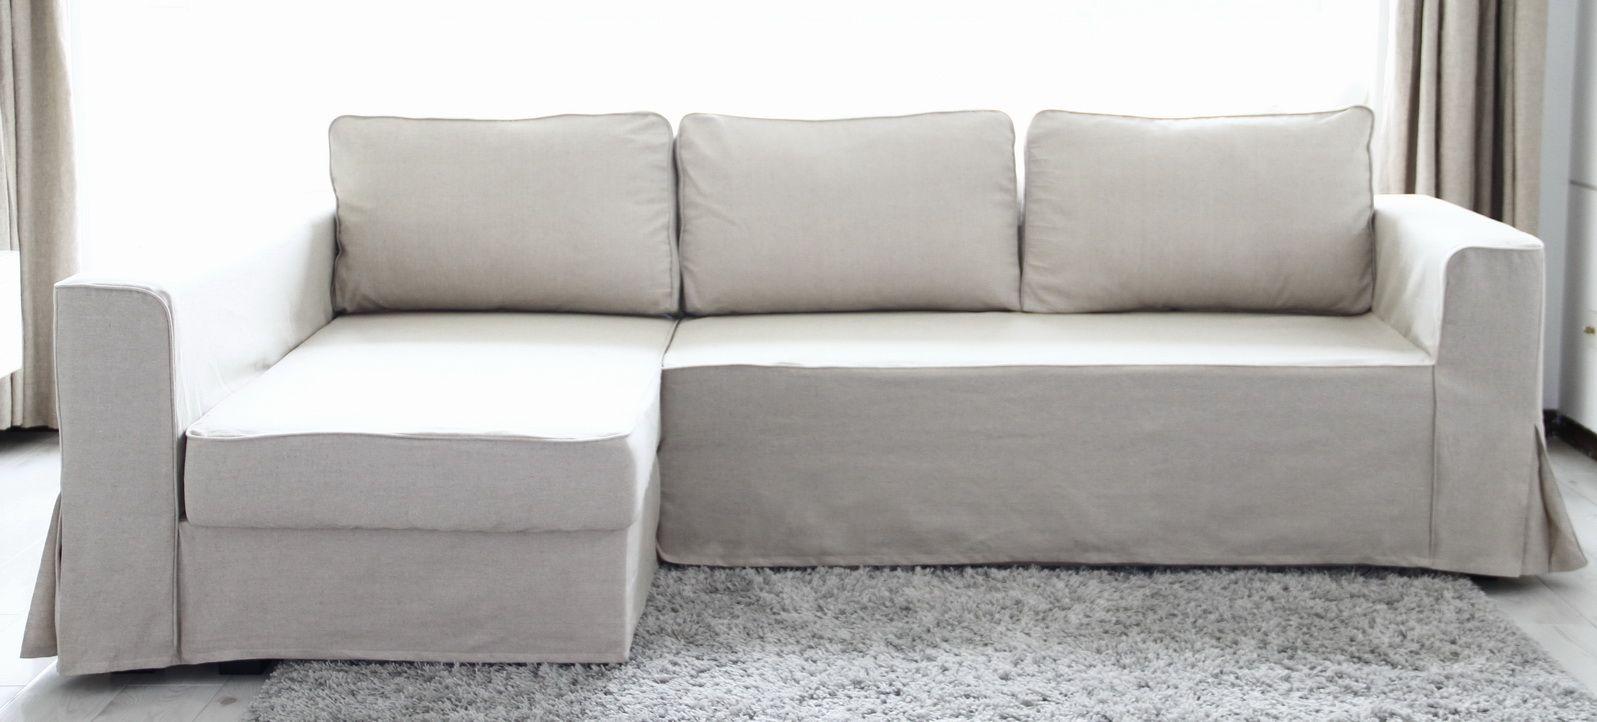 Sectional Sleeper Sofa SCENARIO Bande socle pour clic clac Bande socle matelass e housses clic clac et chaises Pinterest